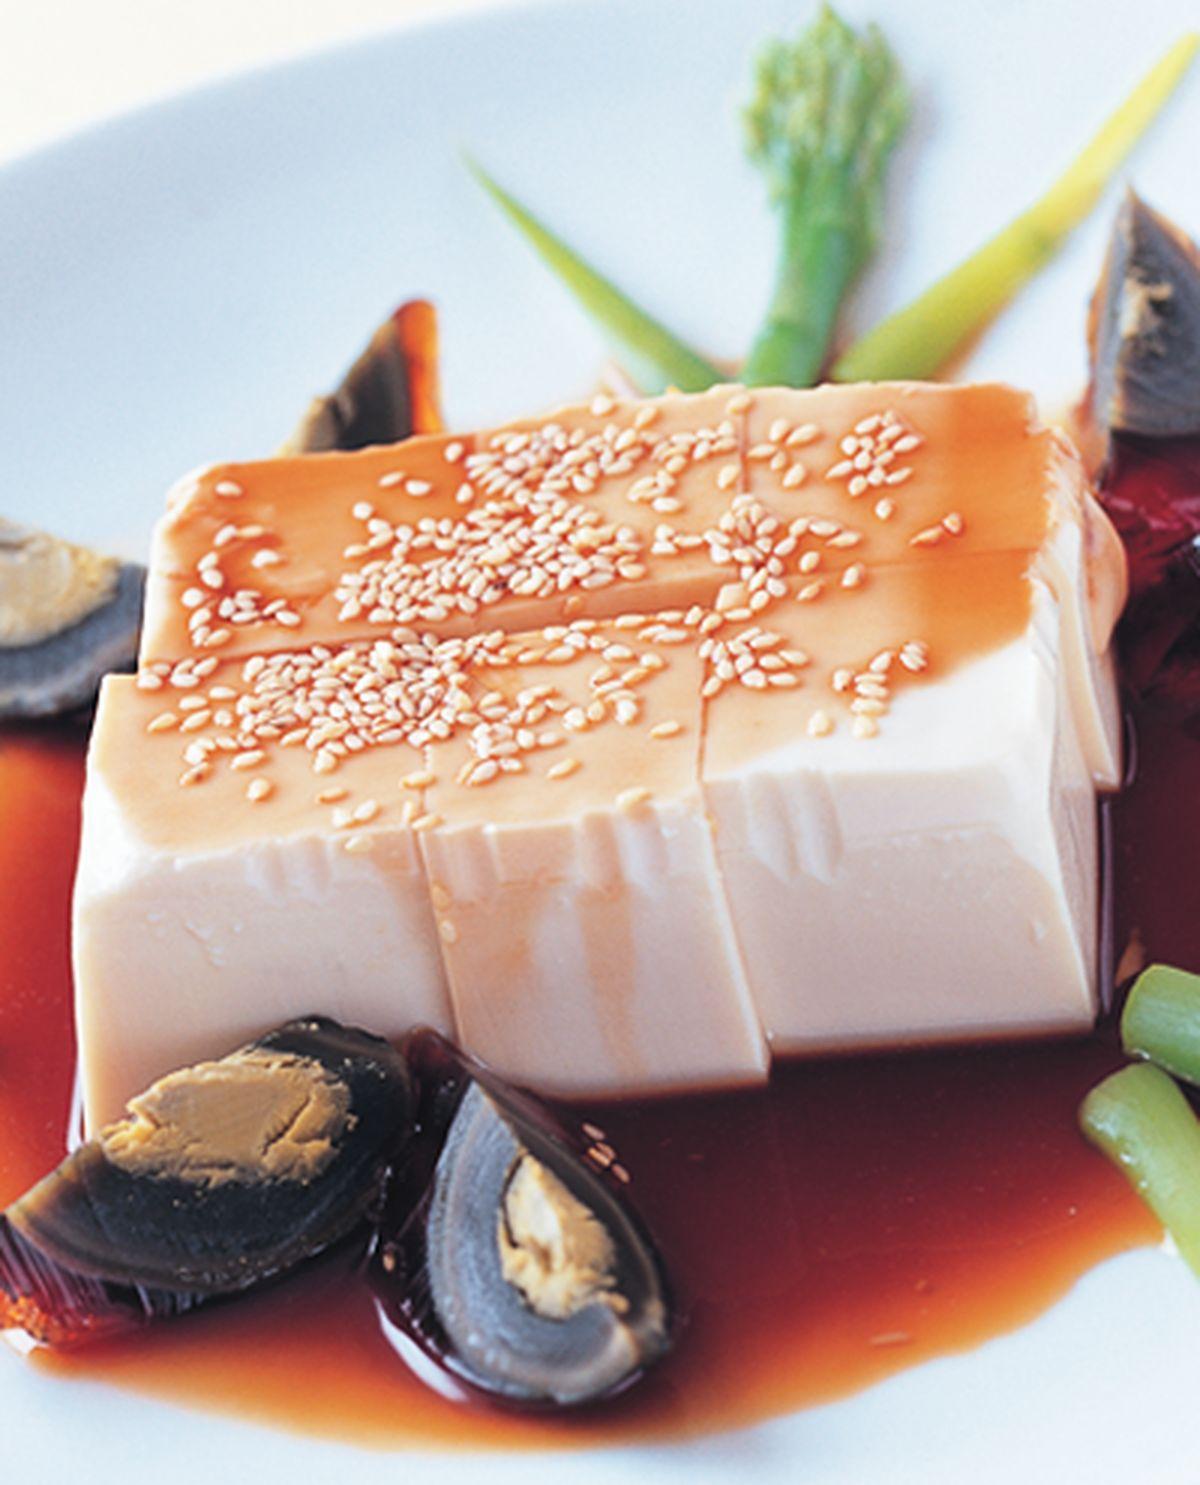 食譜:皮蛋芝麻拌豆腐